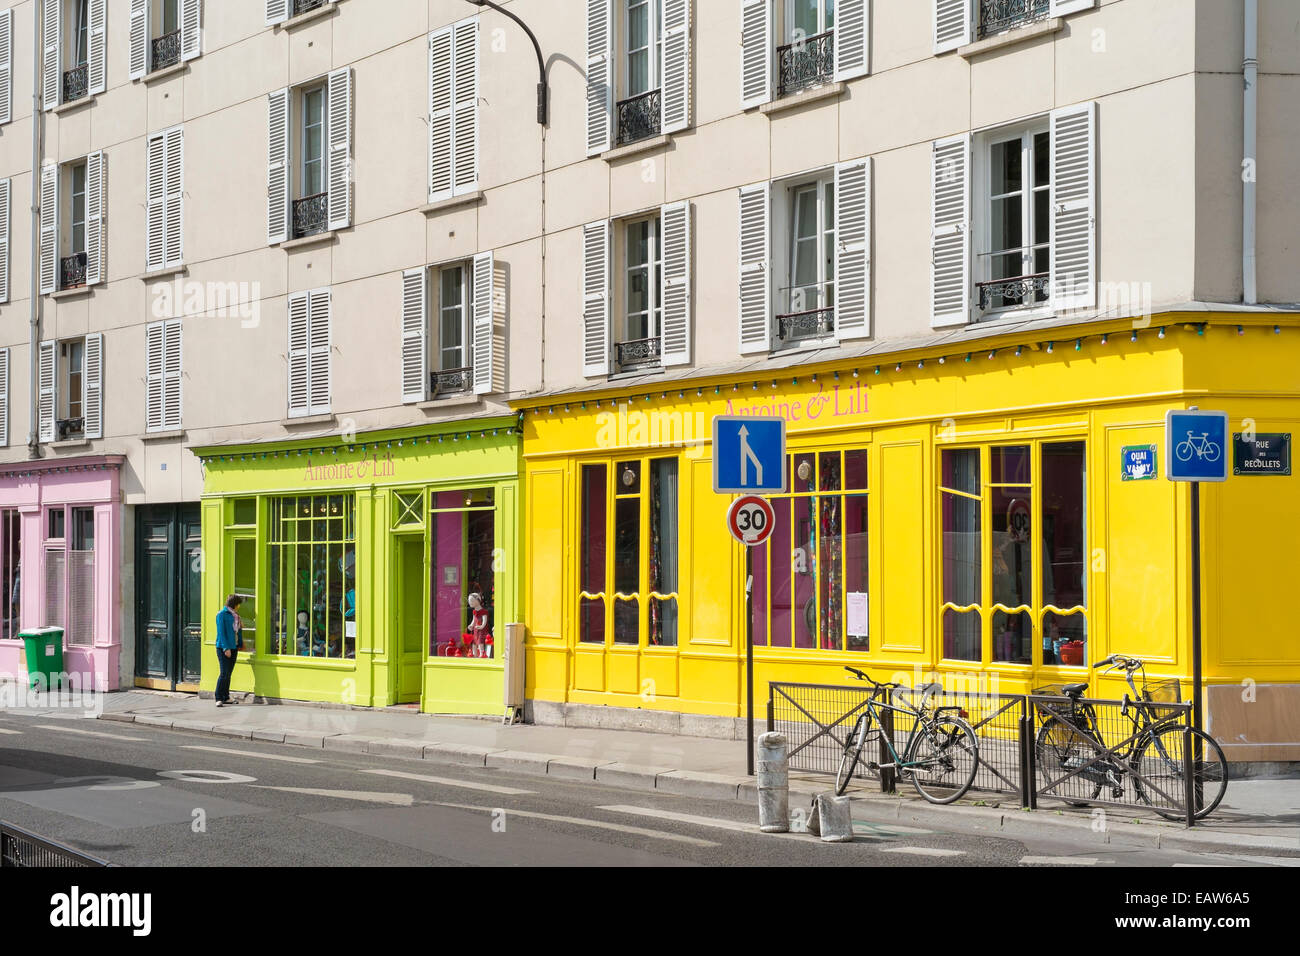 Boutiques and shops along the Quai de Valmy, Paris, Îsle-de-France, France - Stock Image